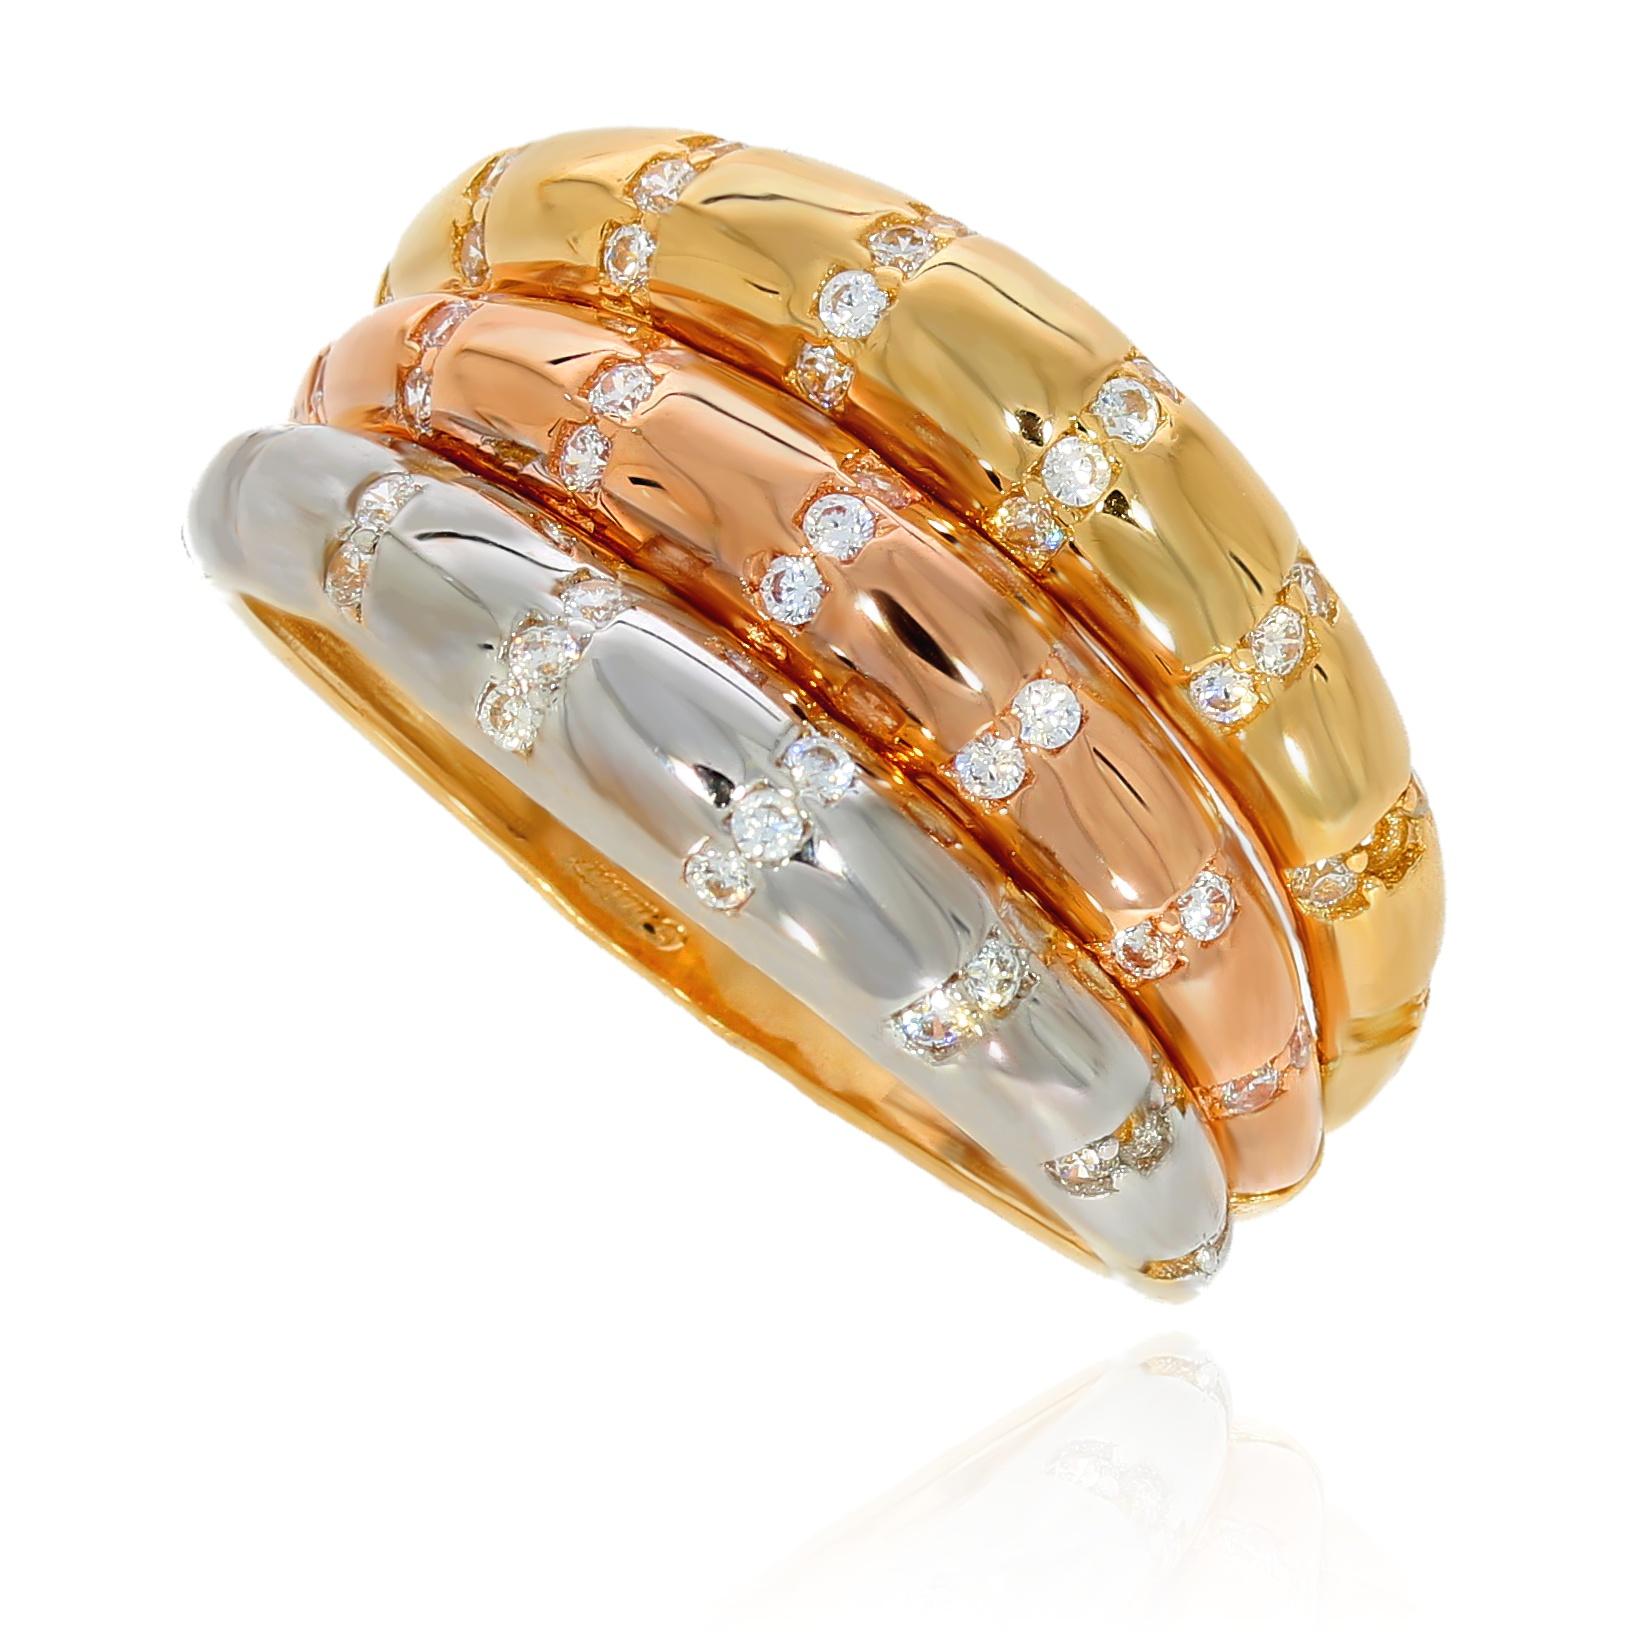 4433aaa81fc197 Szeroki pierścionek trzy kolory złota | Leo Diamonds - biżuteria ...